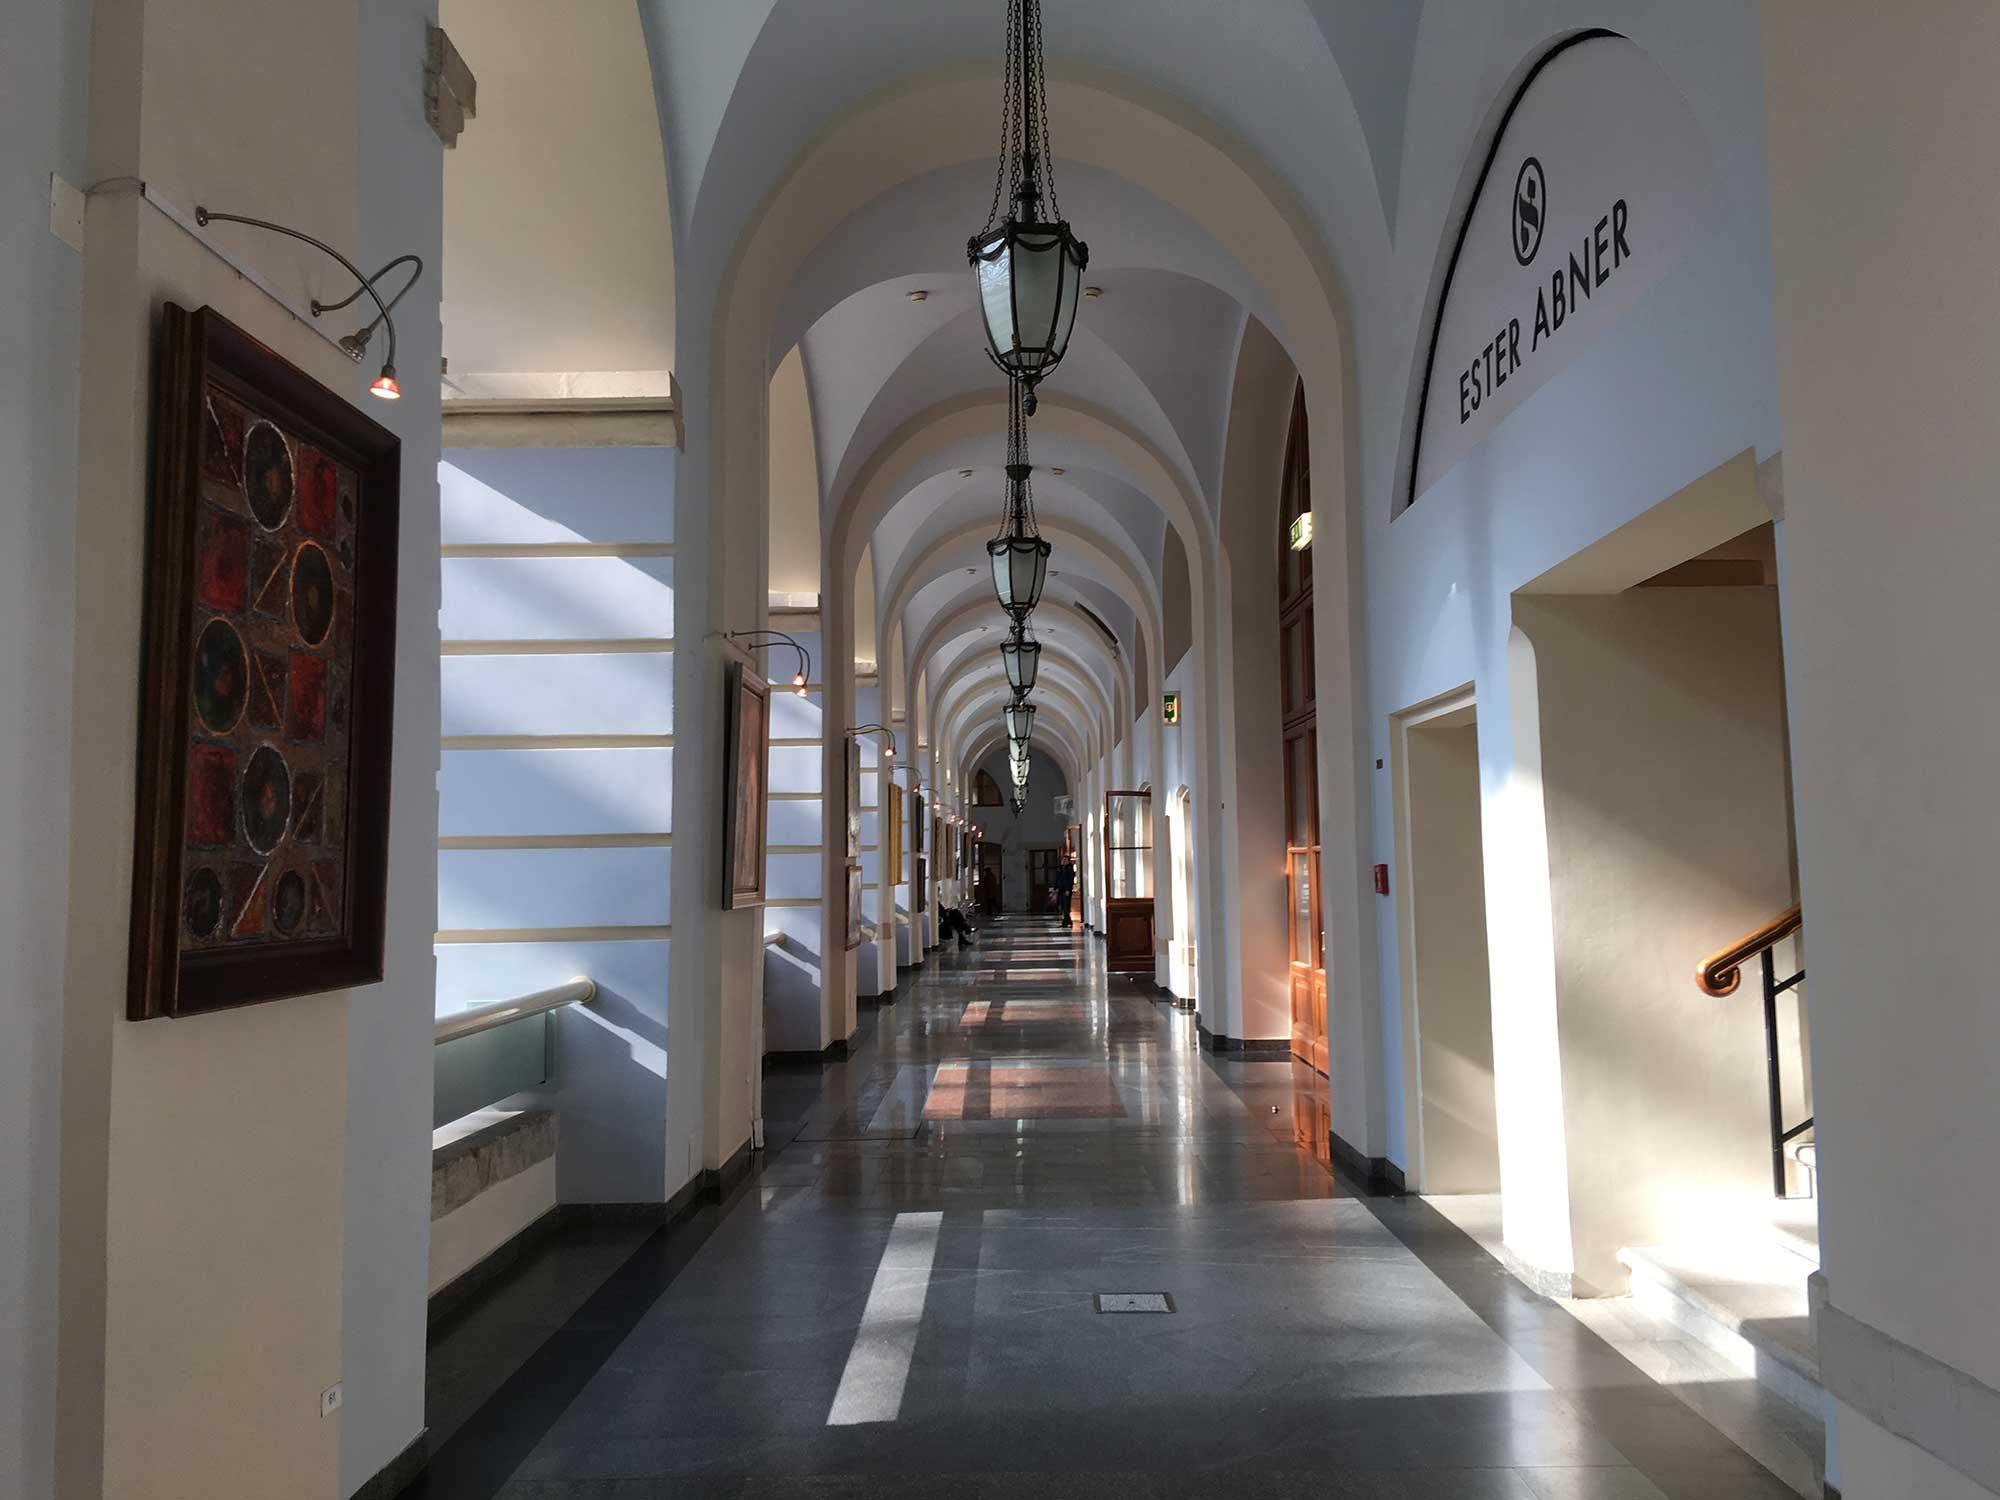 vistavka-kartin-Mehdi-gostiniy-dvor-4